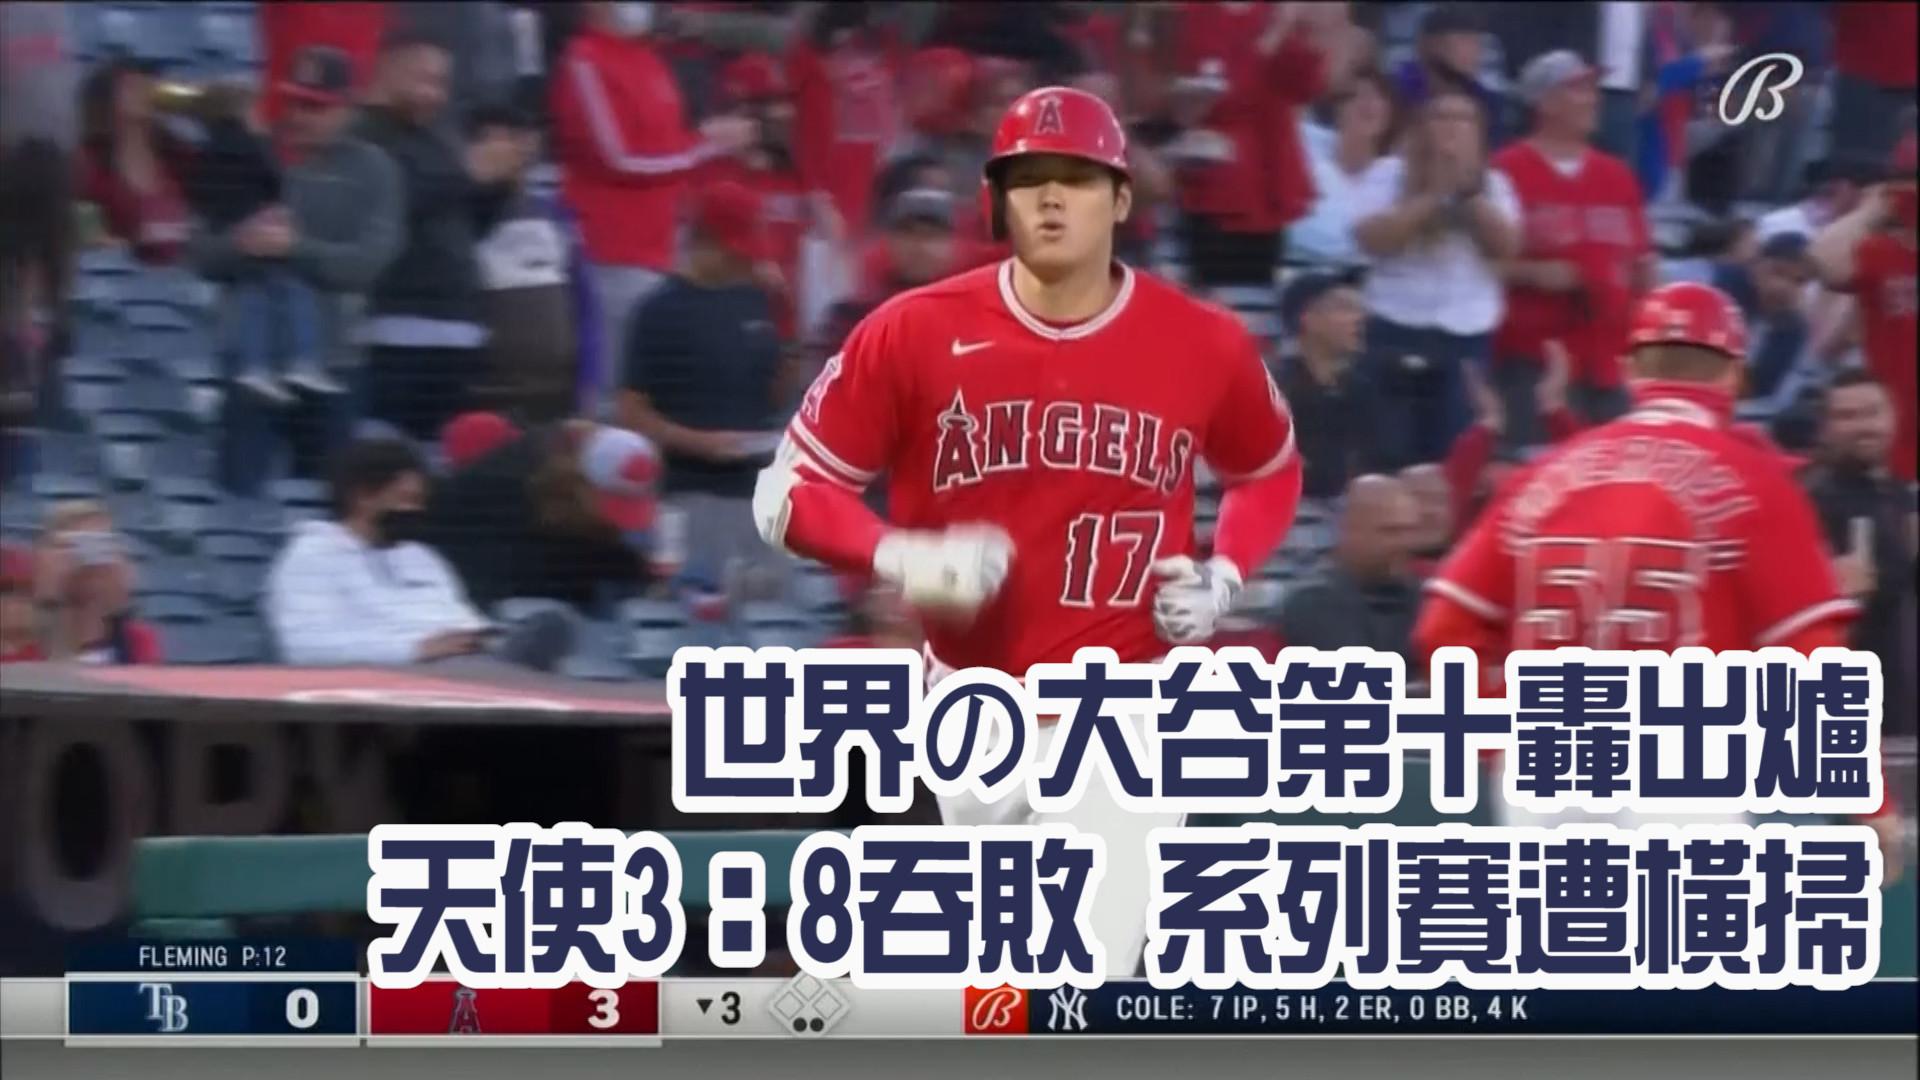 【MLB看愛爾達】天使向普神說再見 主場遭光芒橫掃 05/07